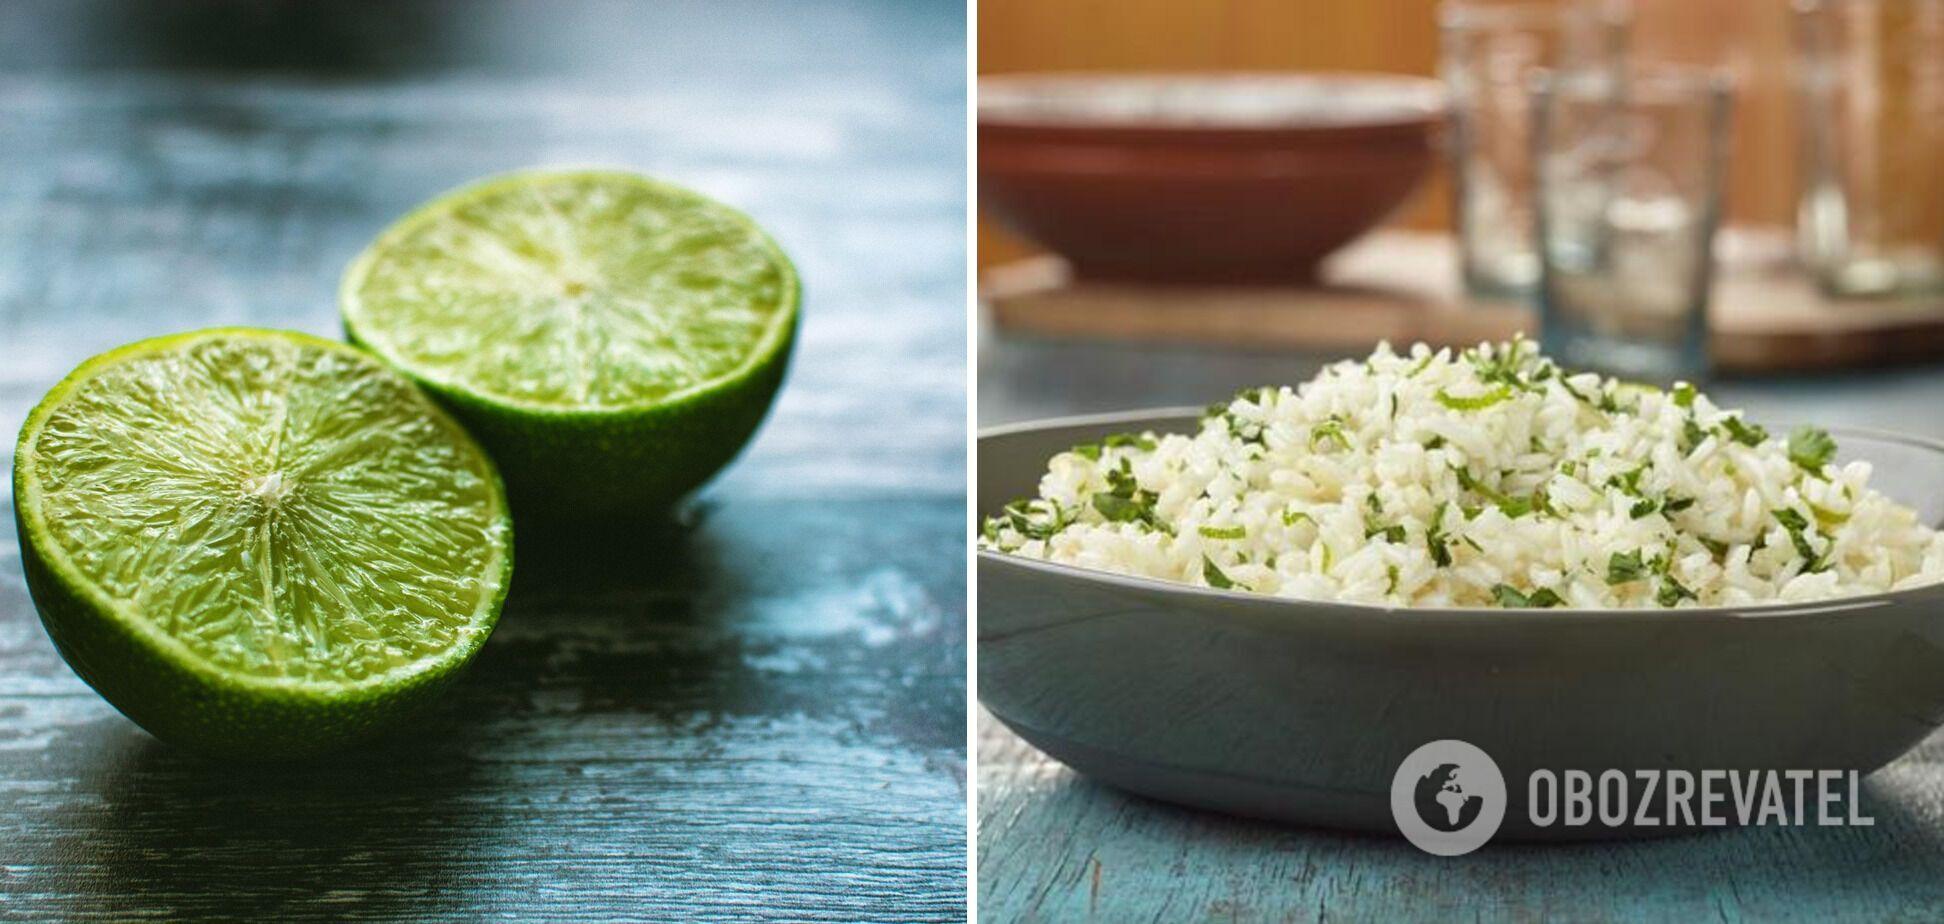 Пікантний рис з часником, лаймом і кінзою